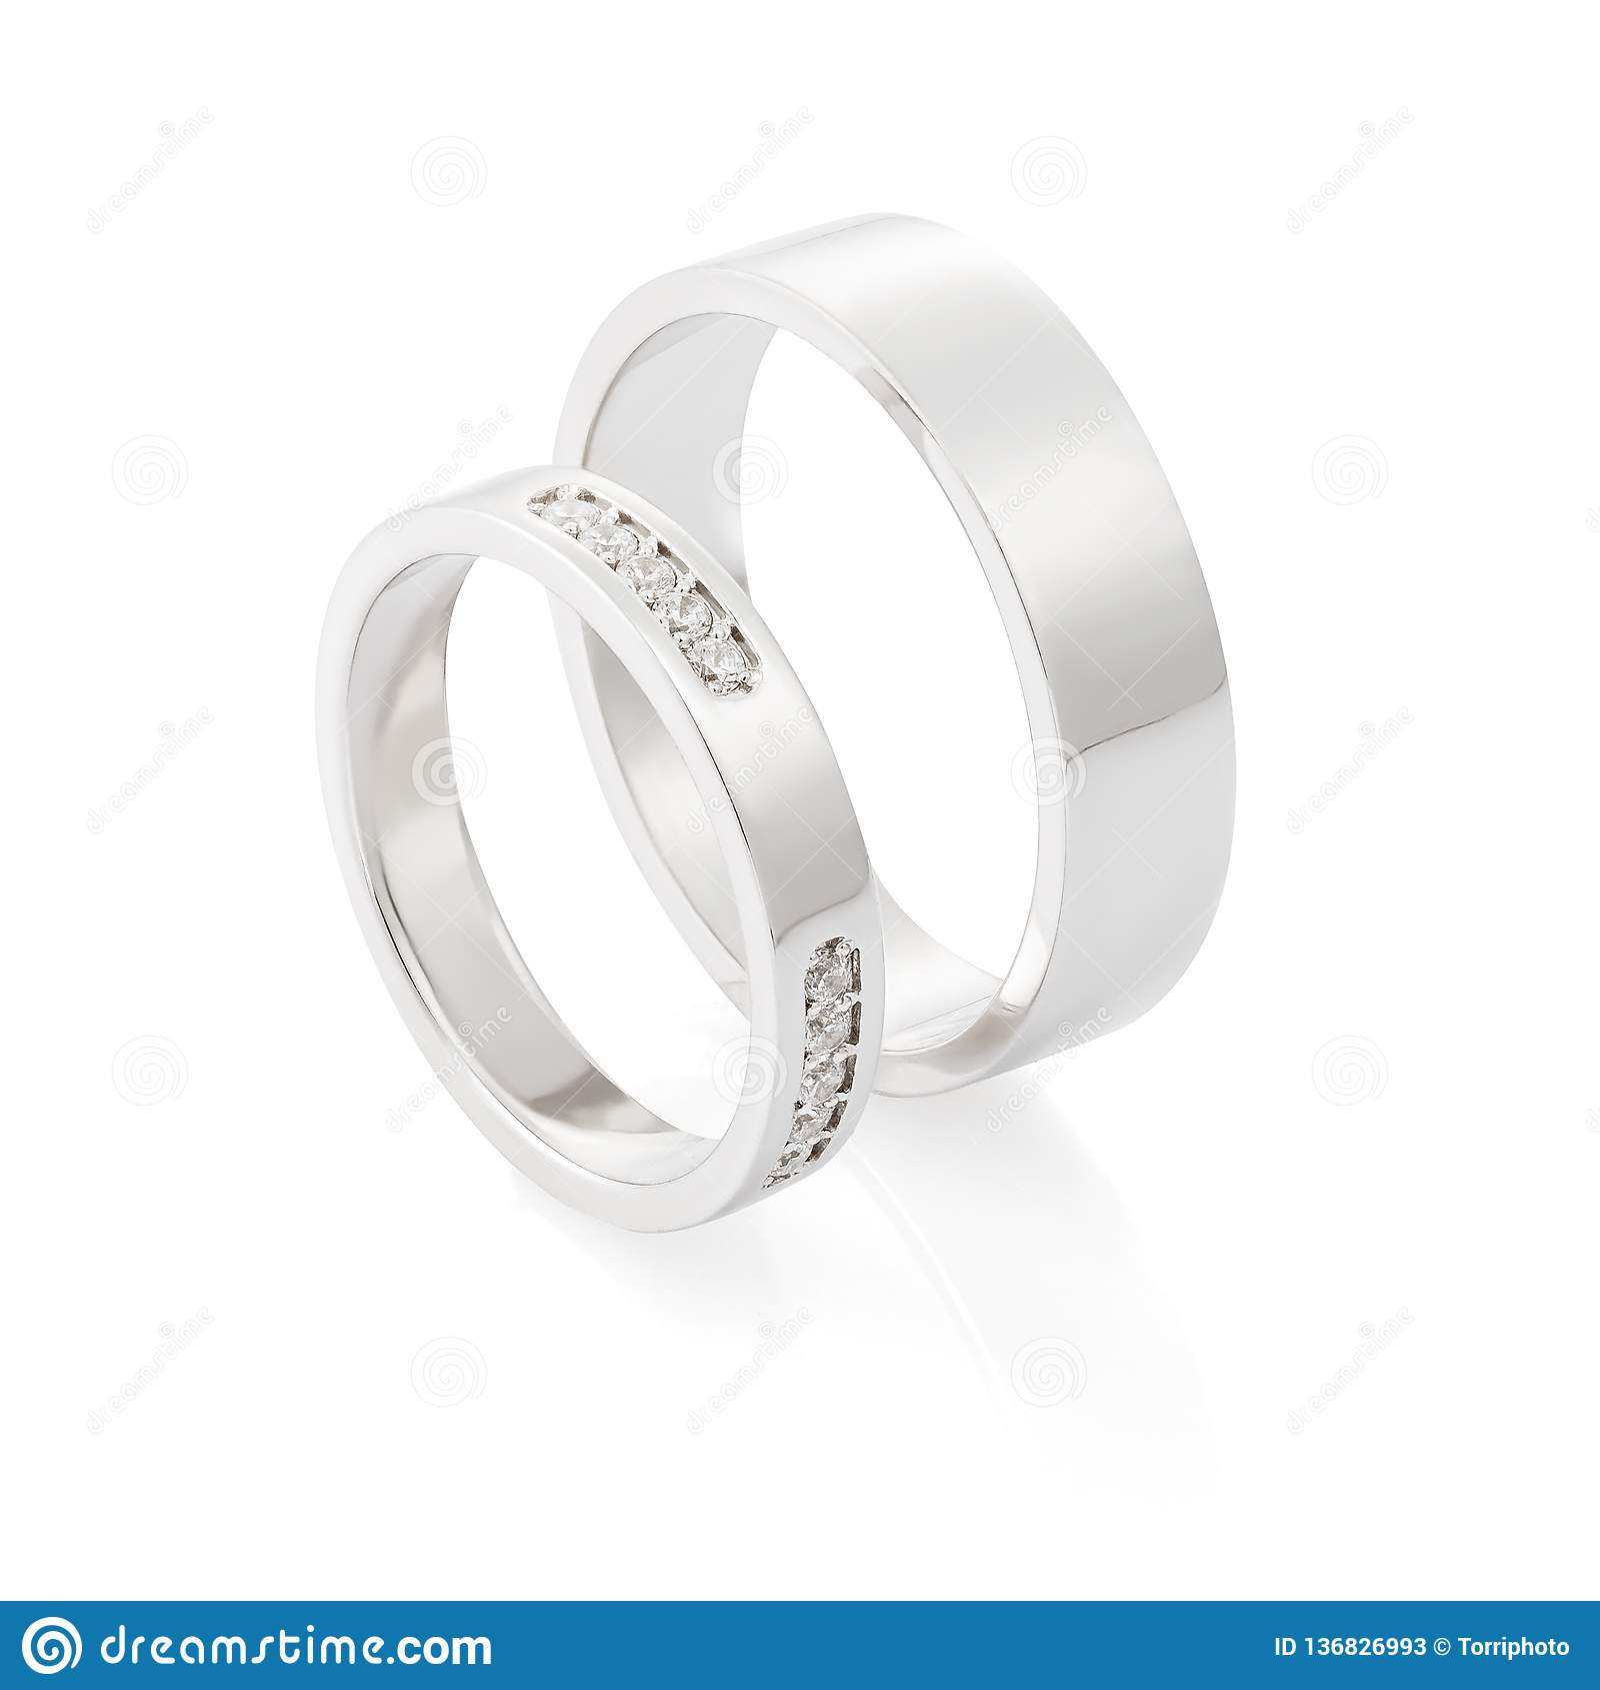 grande remise fabrication habile Royaume-Uni disponibilité Paires D'anneaux De Mariage D'or Blanc Avec Des Diamants D ...